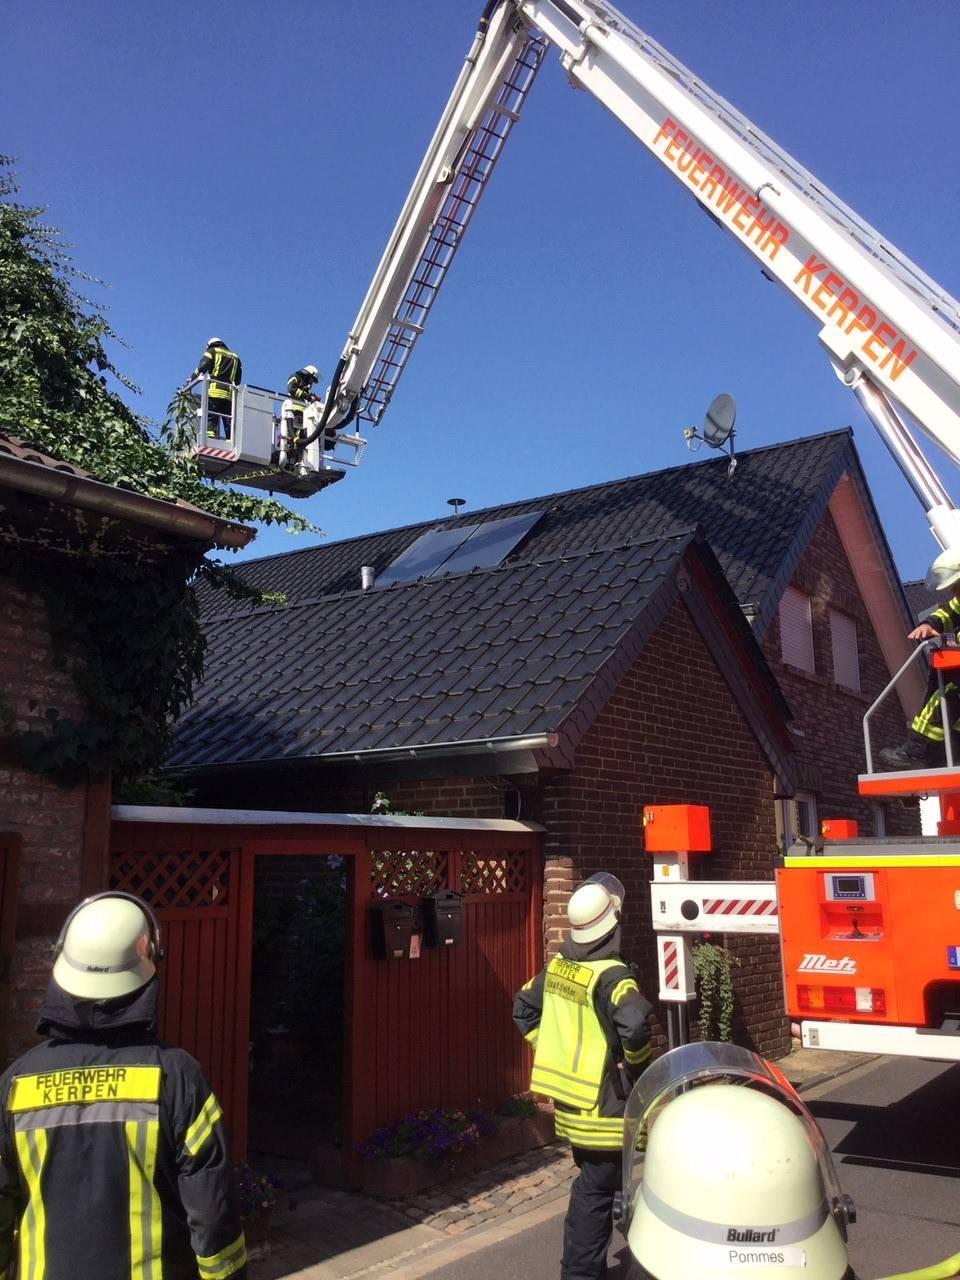 12.08.2019 – Vermeintlicher Brand auf einem Dach in Blatzheim